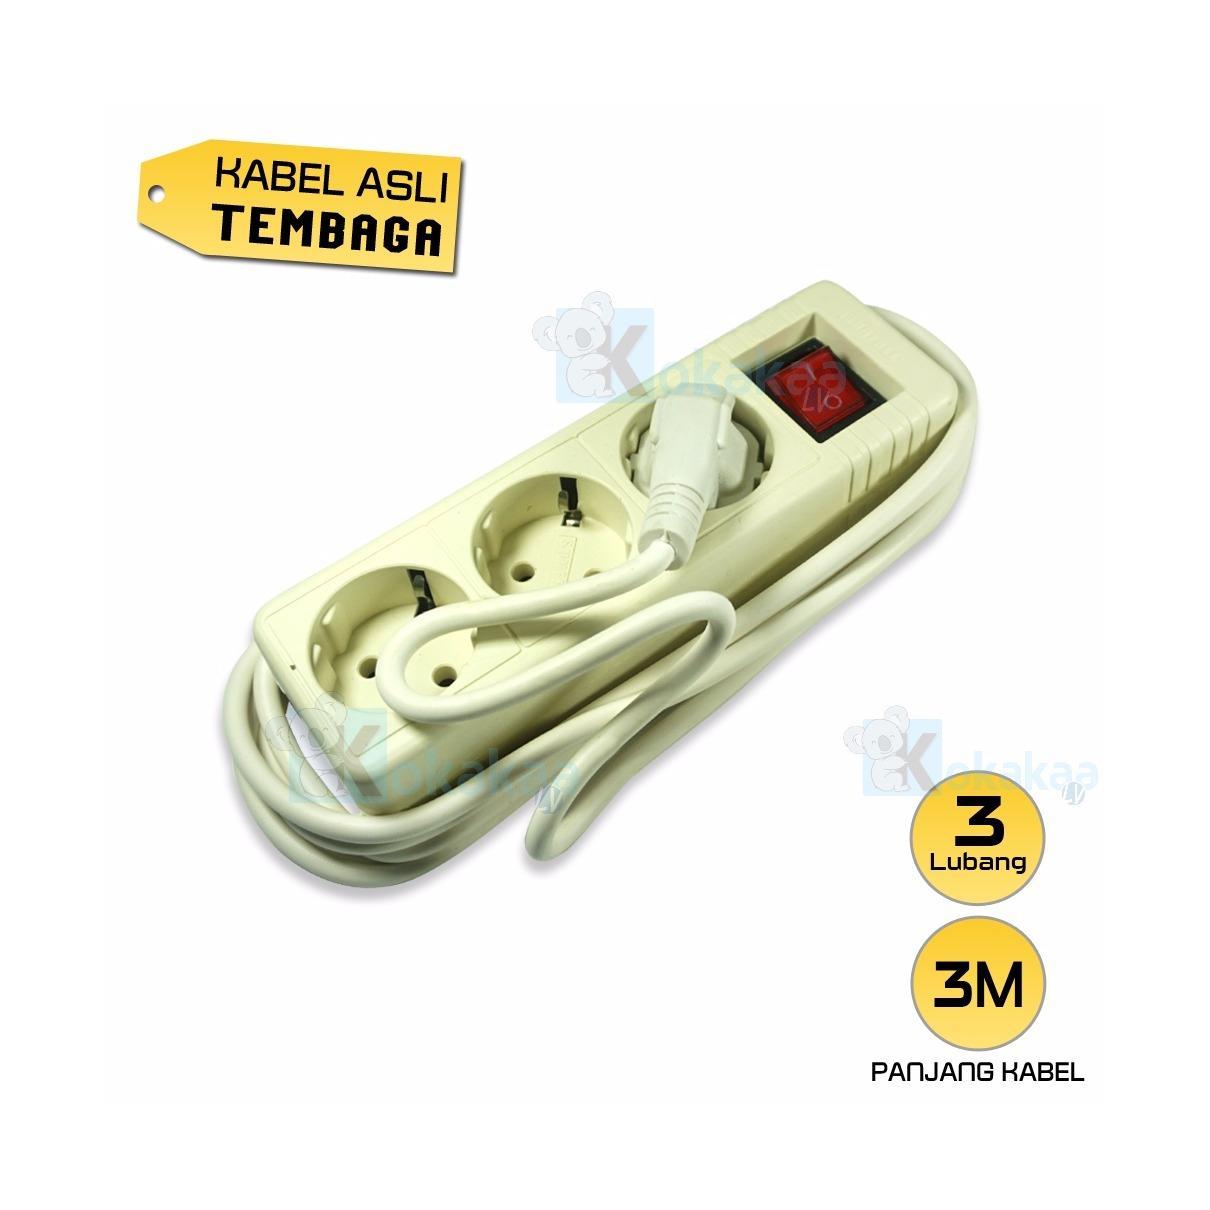 Sunfree Stop Kontak 3 Lubang Colokan + Kabel 3M - Putih